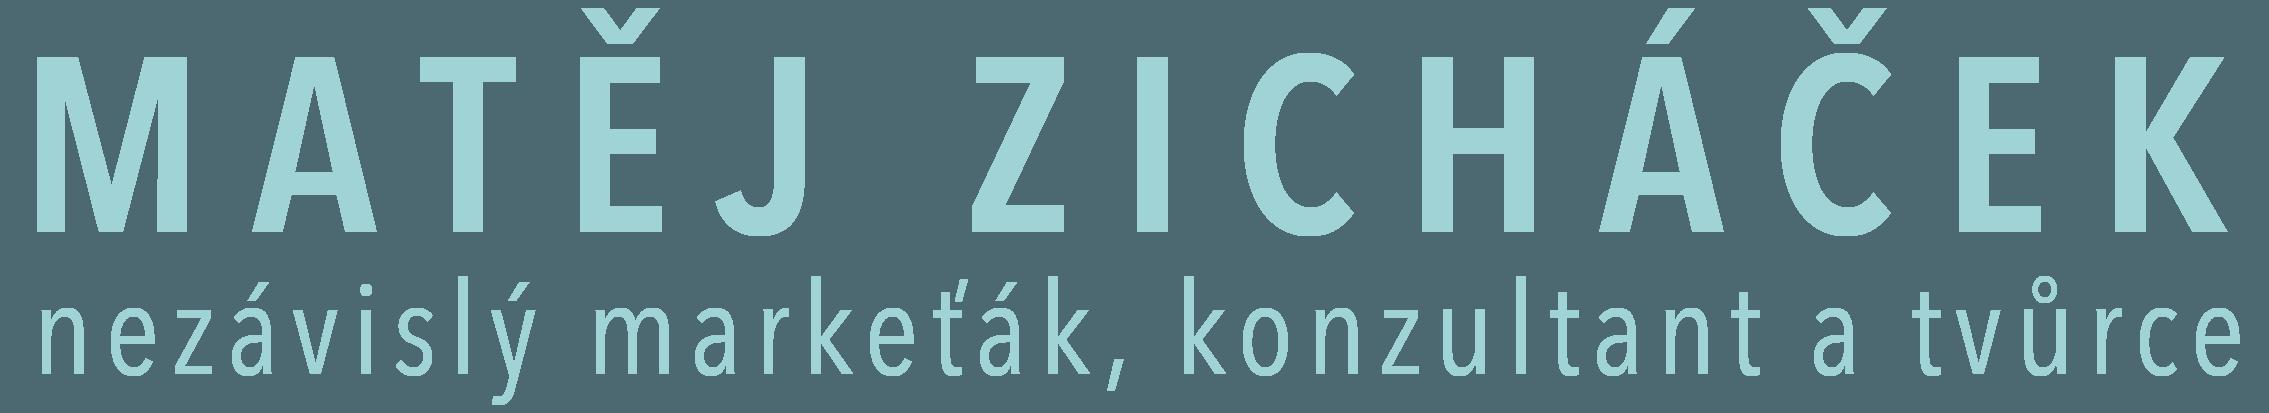 Matěj Zicháček